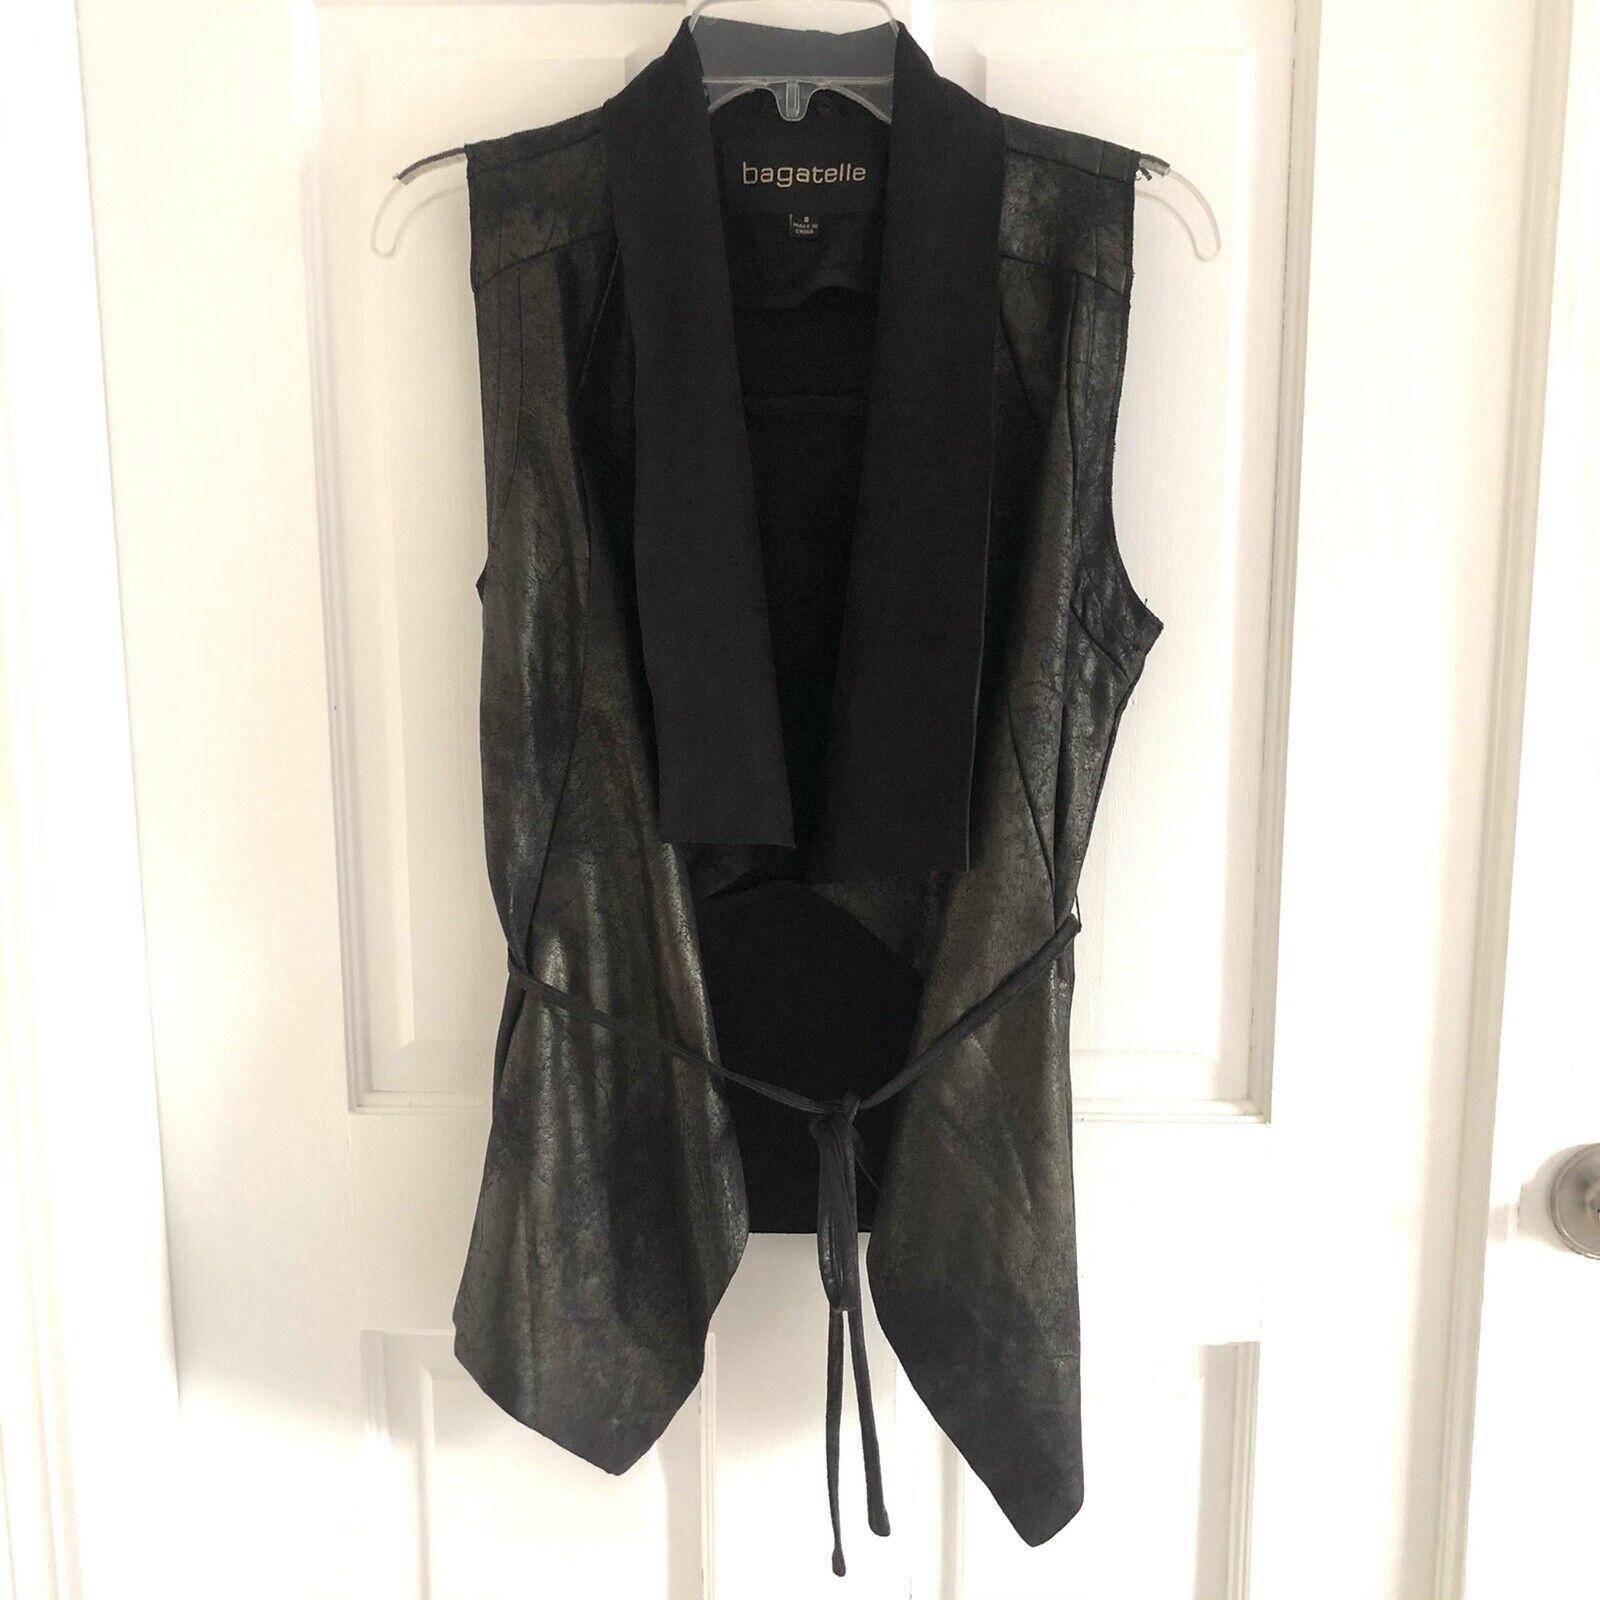 Bagatelle Women's Black Faux Leather Open Front Drape Vest Jacket Wrap